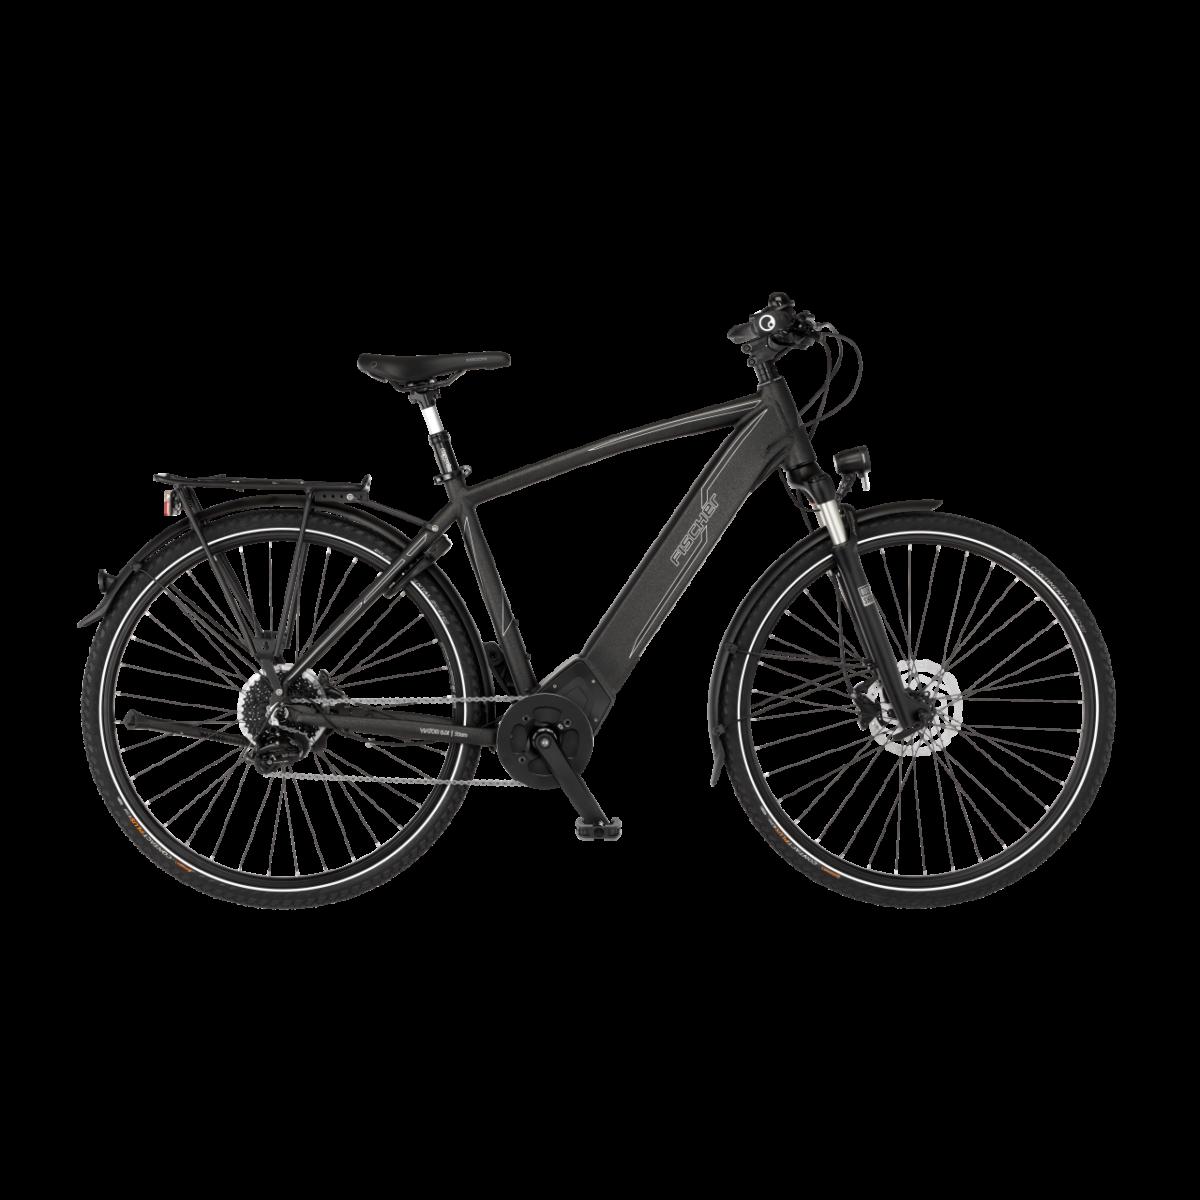 Fischer E-Bike –Was sagt Stiftung Warentest?